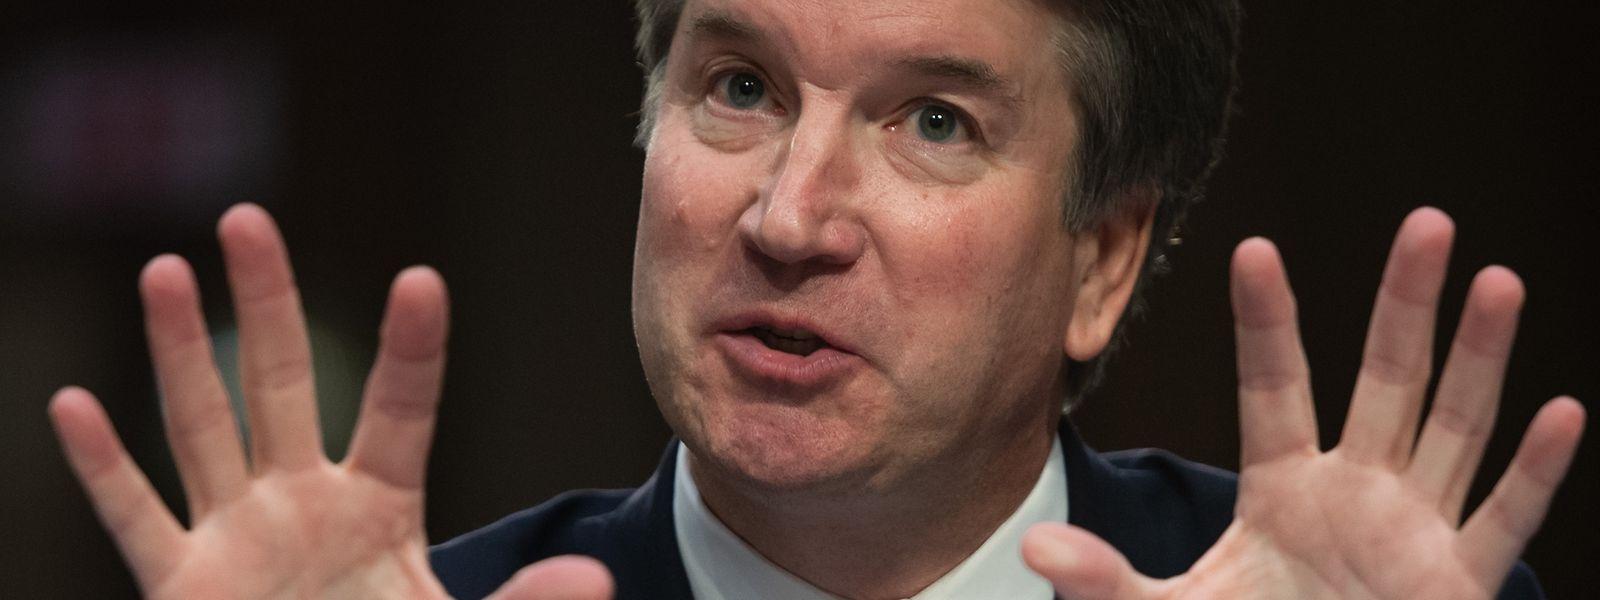 US-Präsident Donald Trump hat Brett Kavanaugh als Richter für den Supreme Court vorgeschlagen.